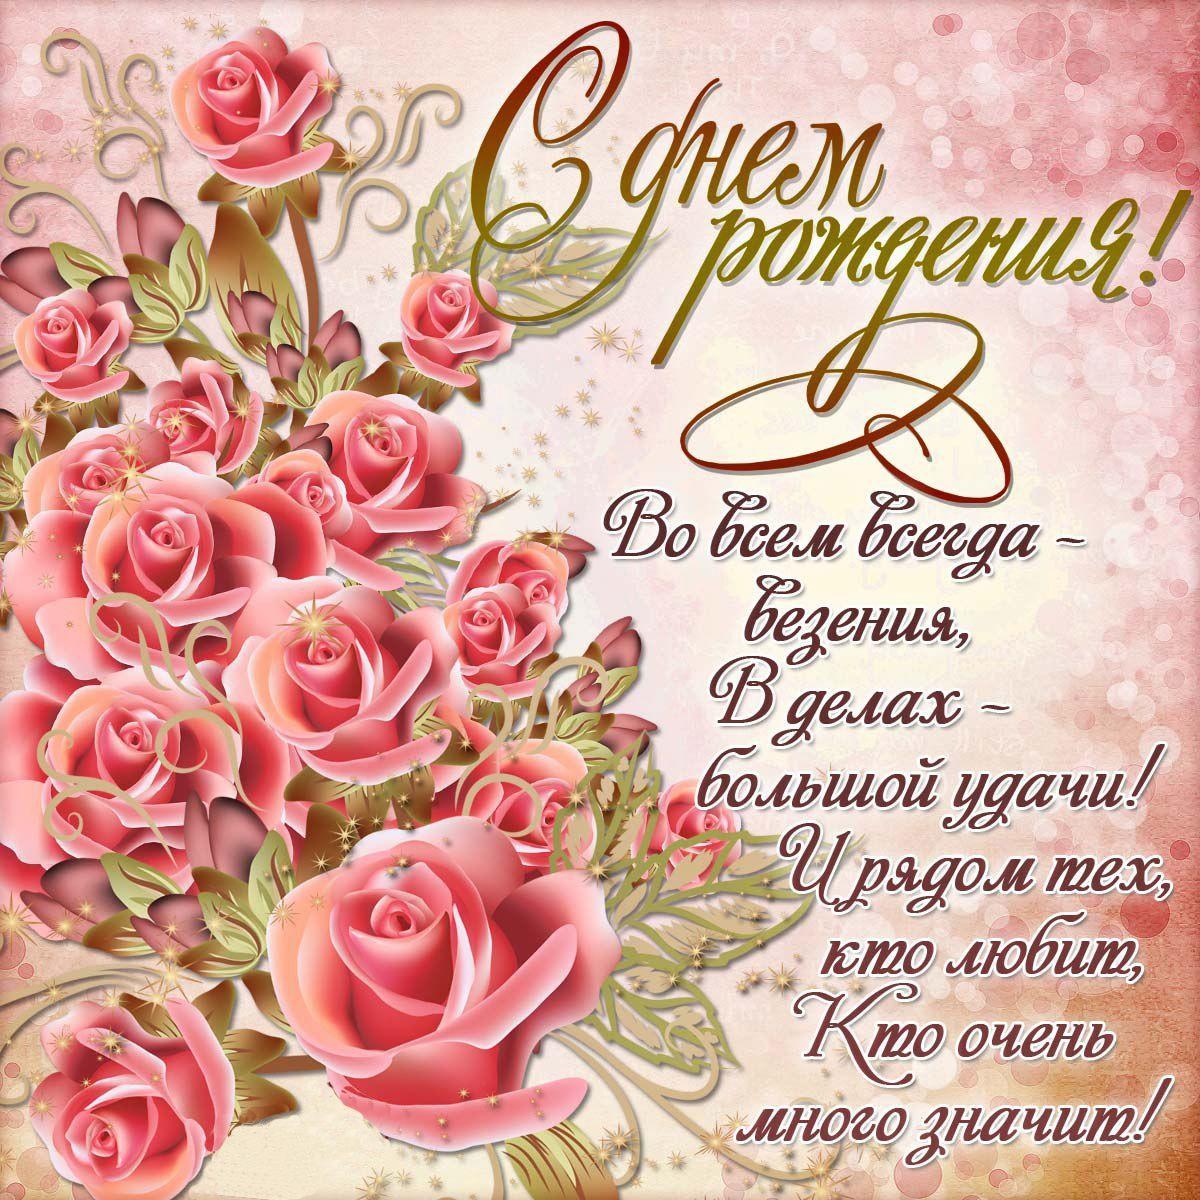 Картинки по запросу поздравления с днем рождения женщине ...